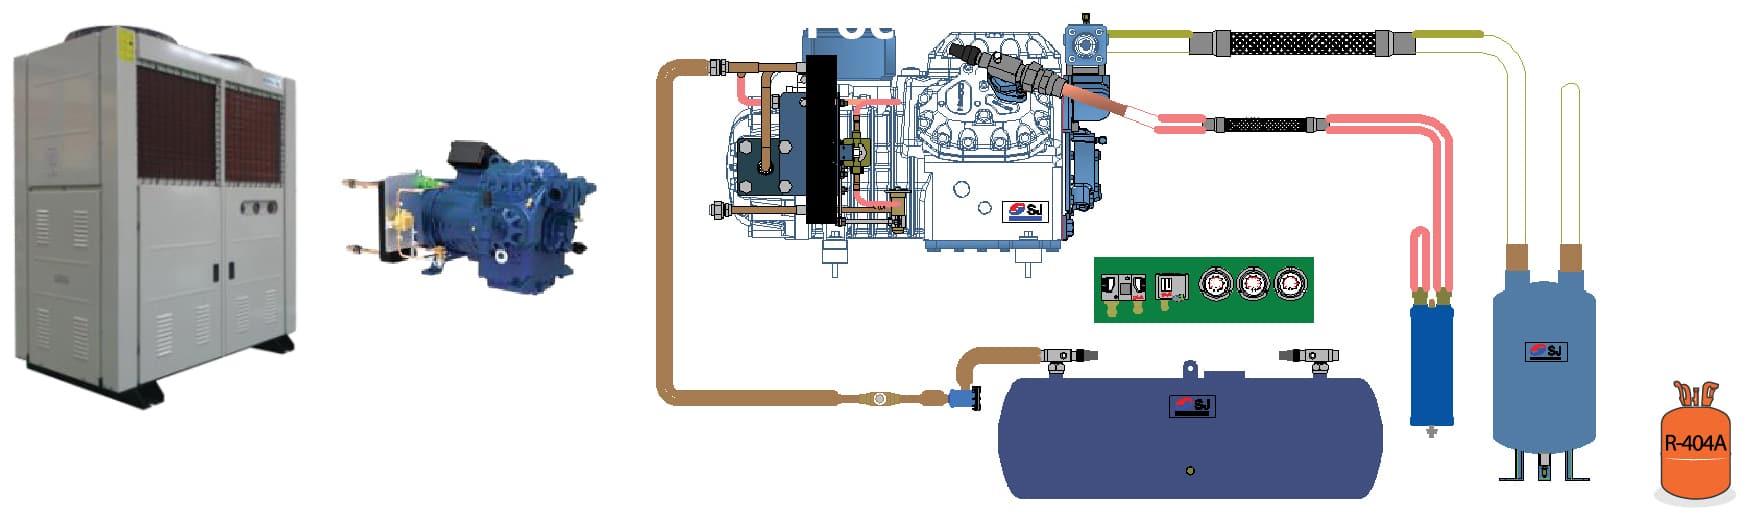 Giới thiệu chi tiết cụm máy nén dàn ngưng SPHD cấp đông nhanh hãng Sungjin